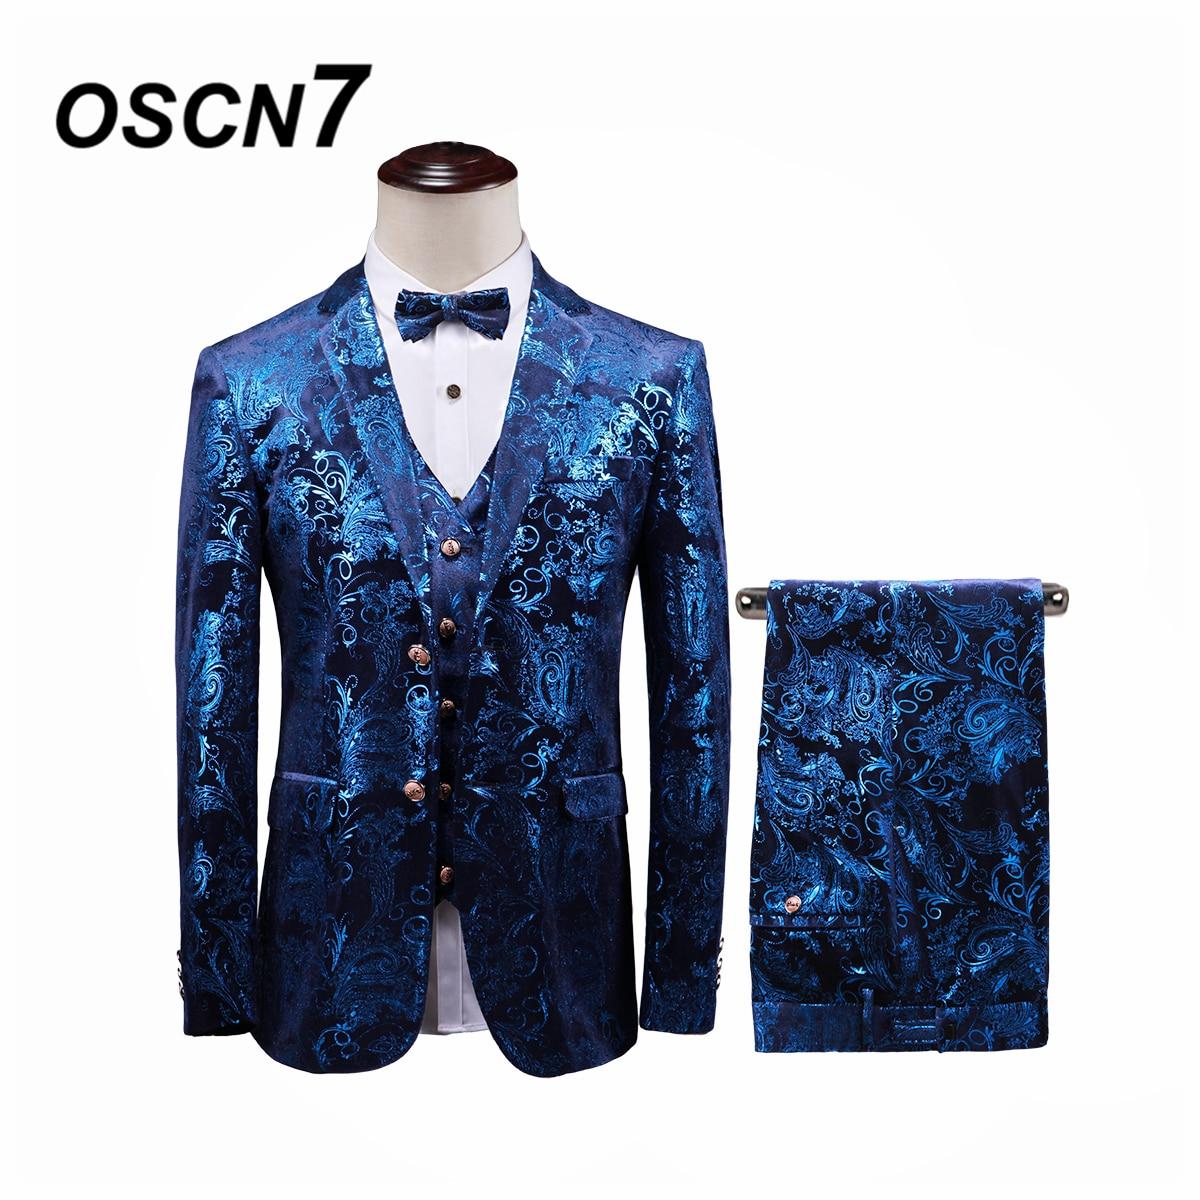 Cheap Sale Oscn7 Leisure Slim Fit Blue Print 3 Piece Suits Men 2019 Groom Wedding Suits For Men Fashion Party Three Piece Suit Men T373